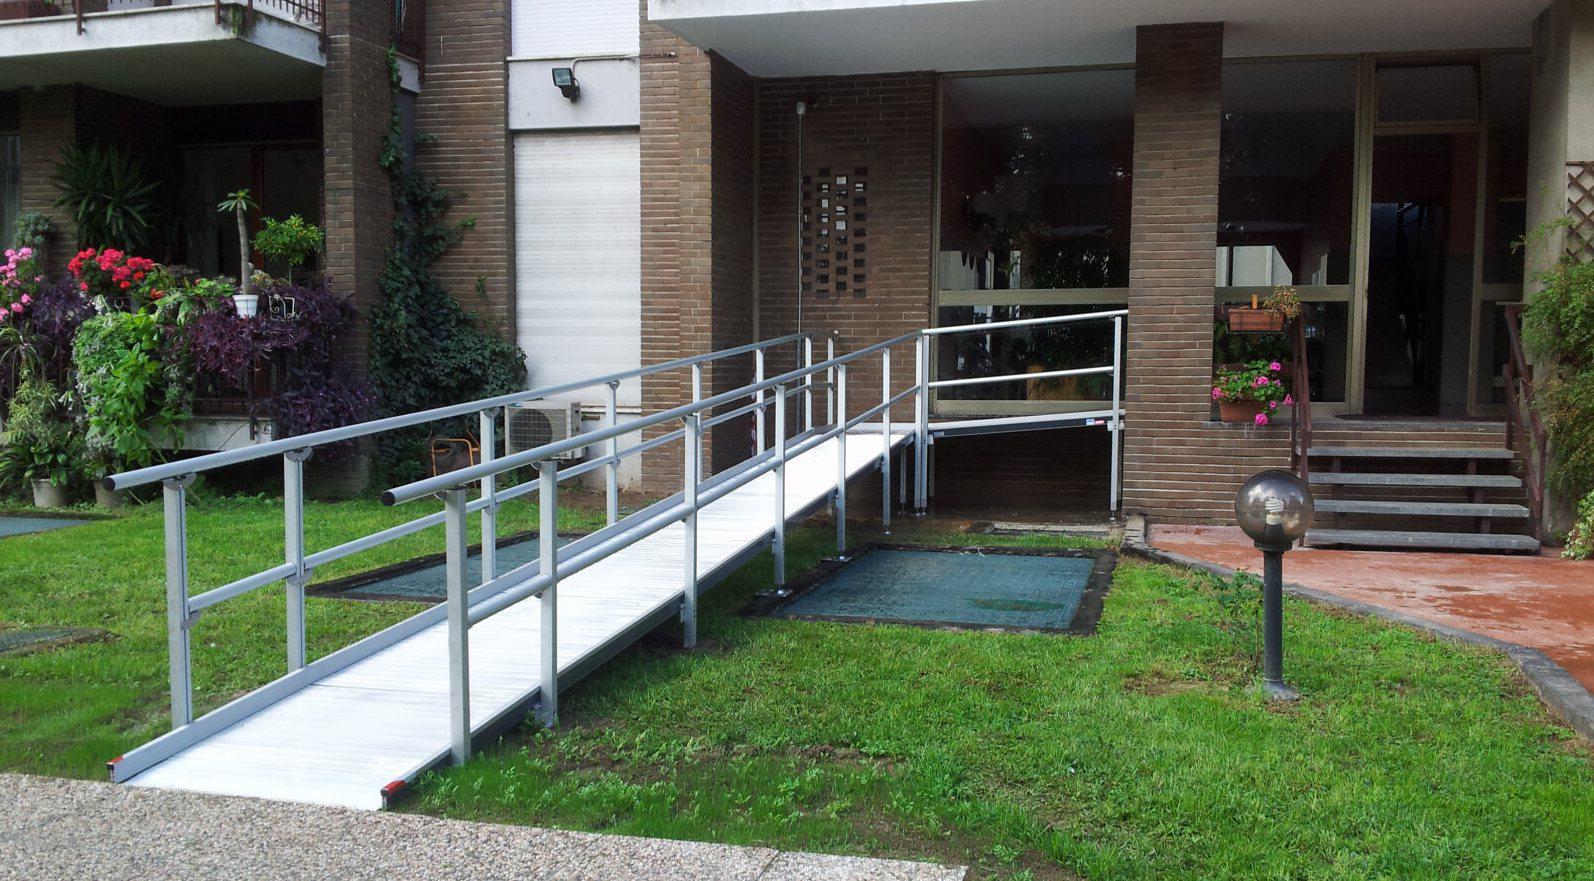 Rampe per abbattimento barriere architettoniche